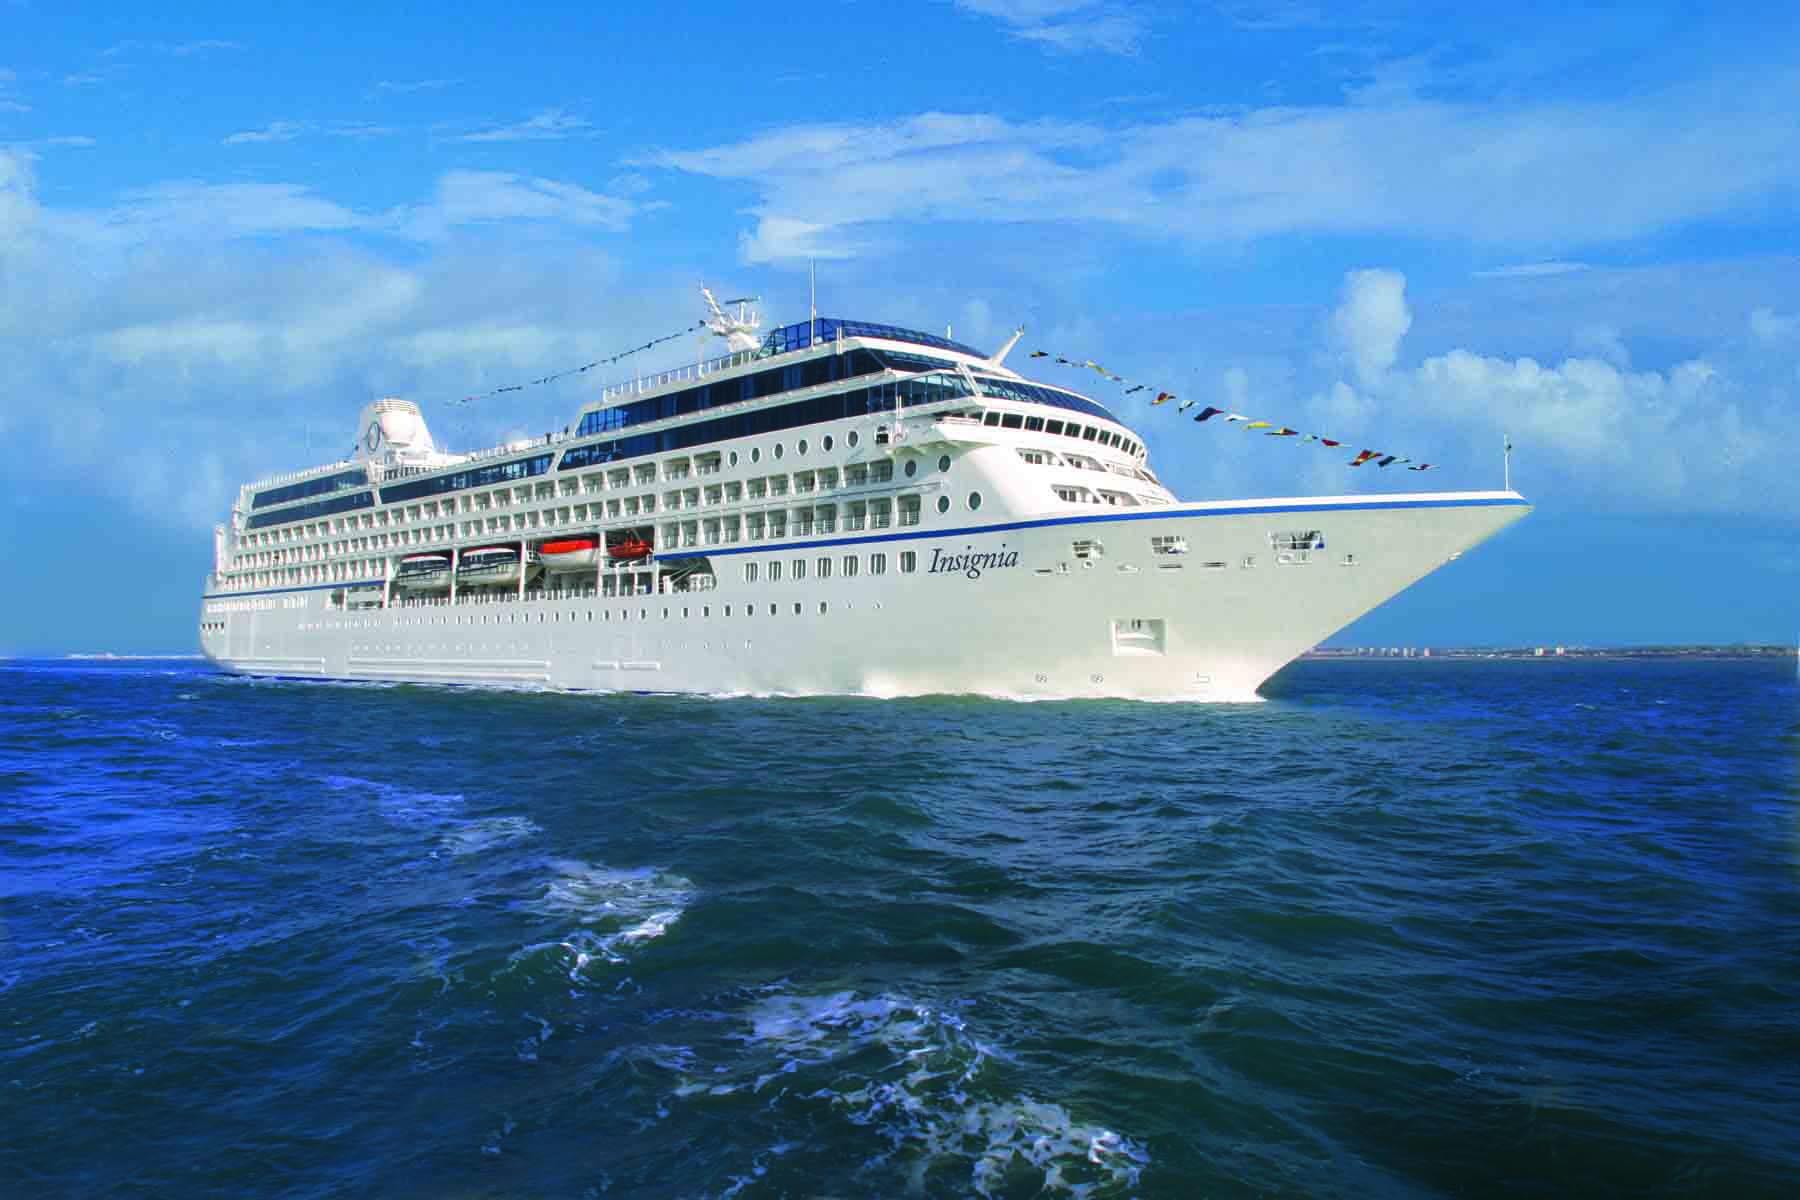 האוניה אינסיניה התארחה בישראל